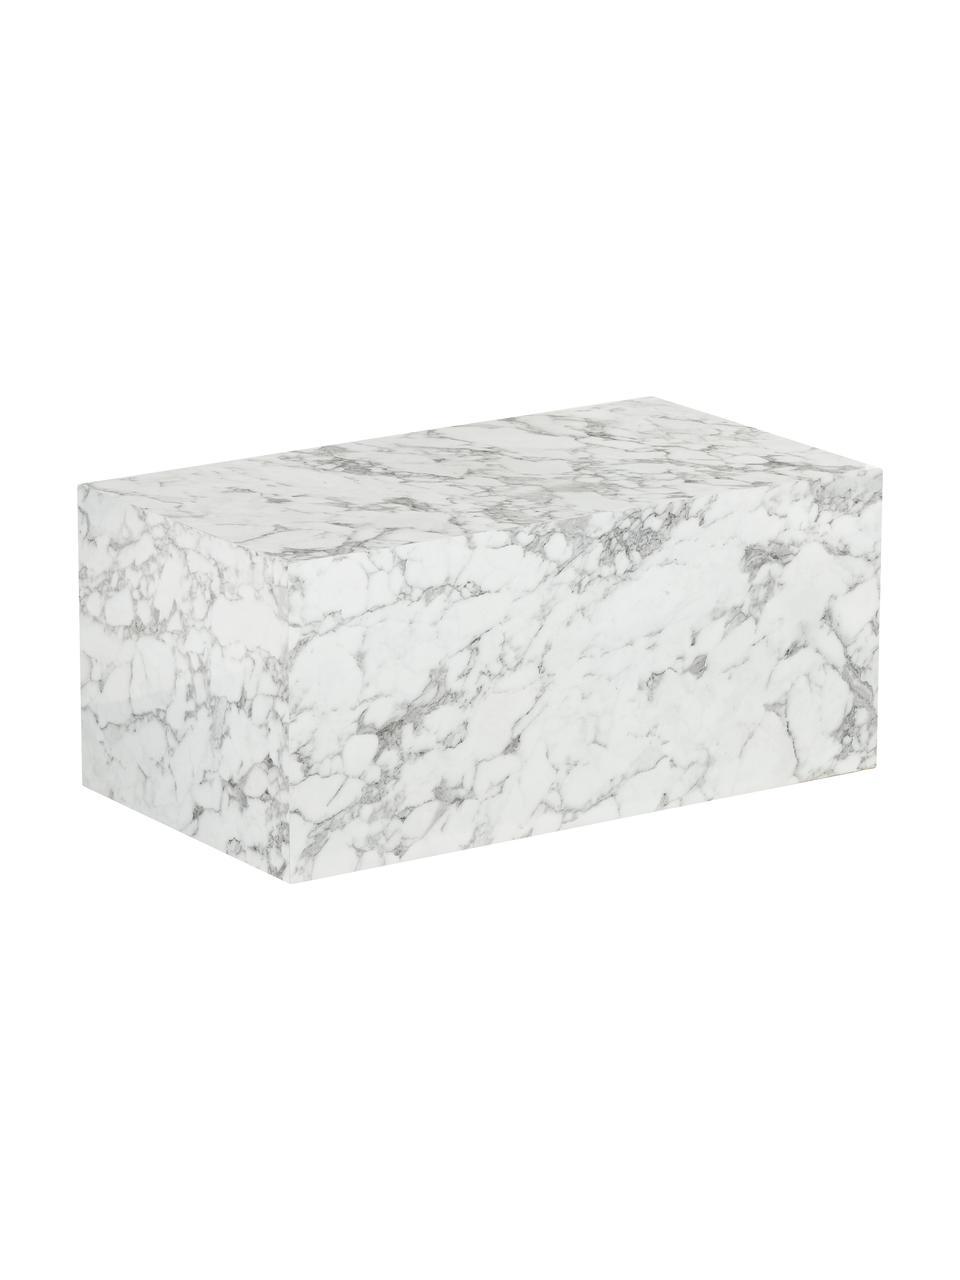 Stolik kawowy z imitacji marmuru Lesley, Płyta pilśniowa średniej gęstości (MDF) pokryta folią melaminową, Biały, marmurowy, S 90 x G 50 cm